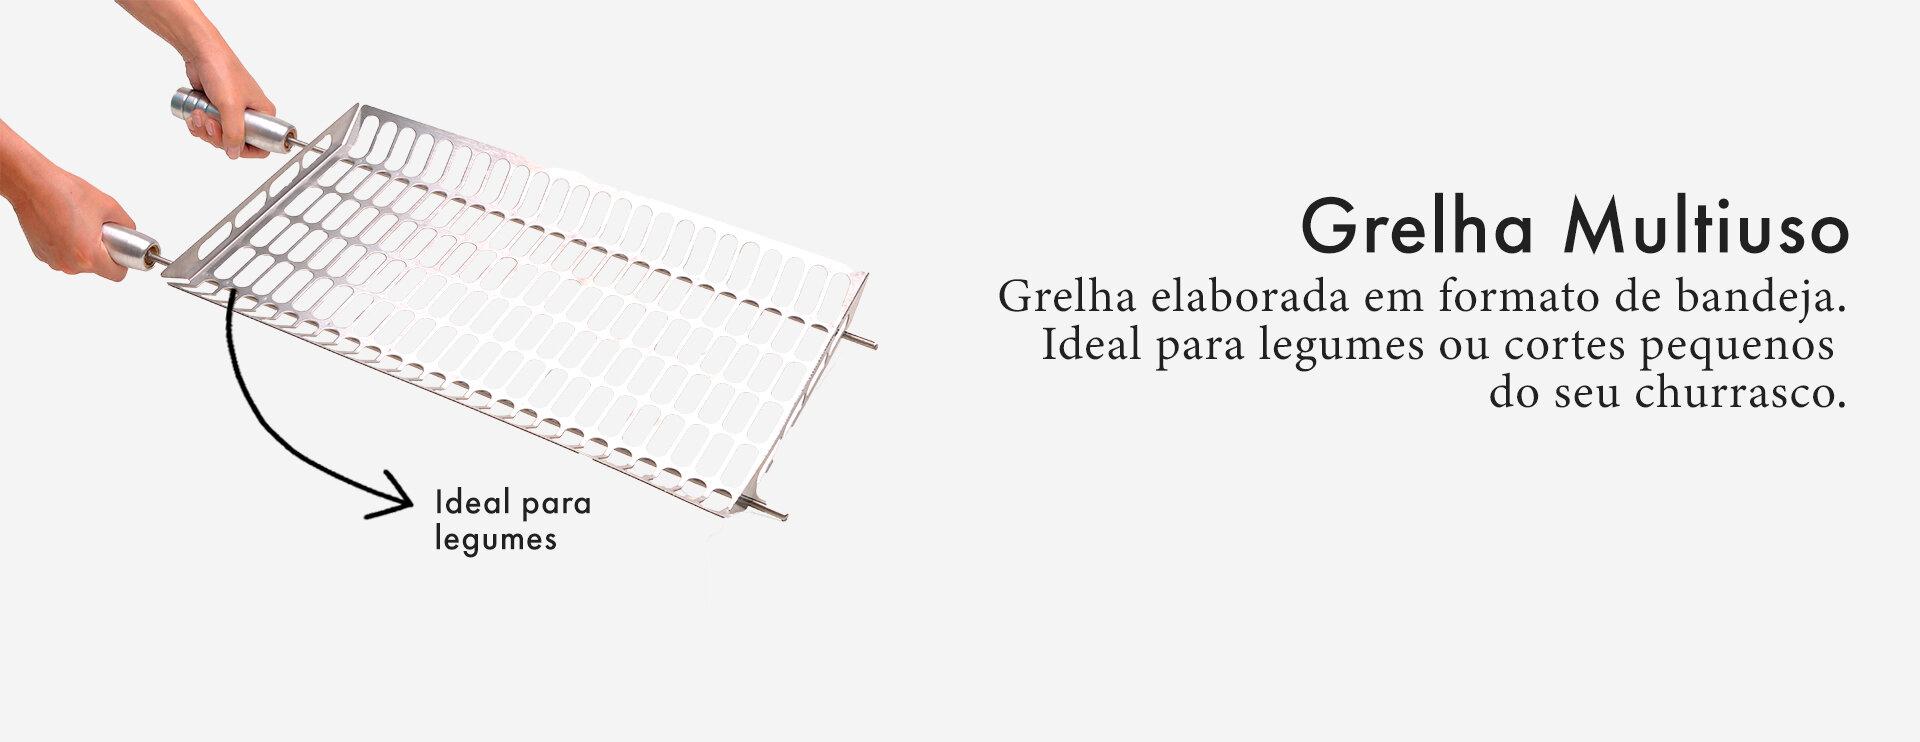 Grelha Gourmet Multi Uso Ideal Para Legumes em Inox Escovado Corte a Laser com Cabo de Alumínio